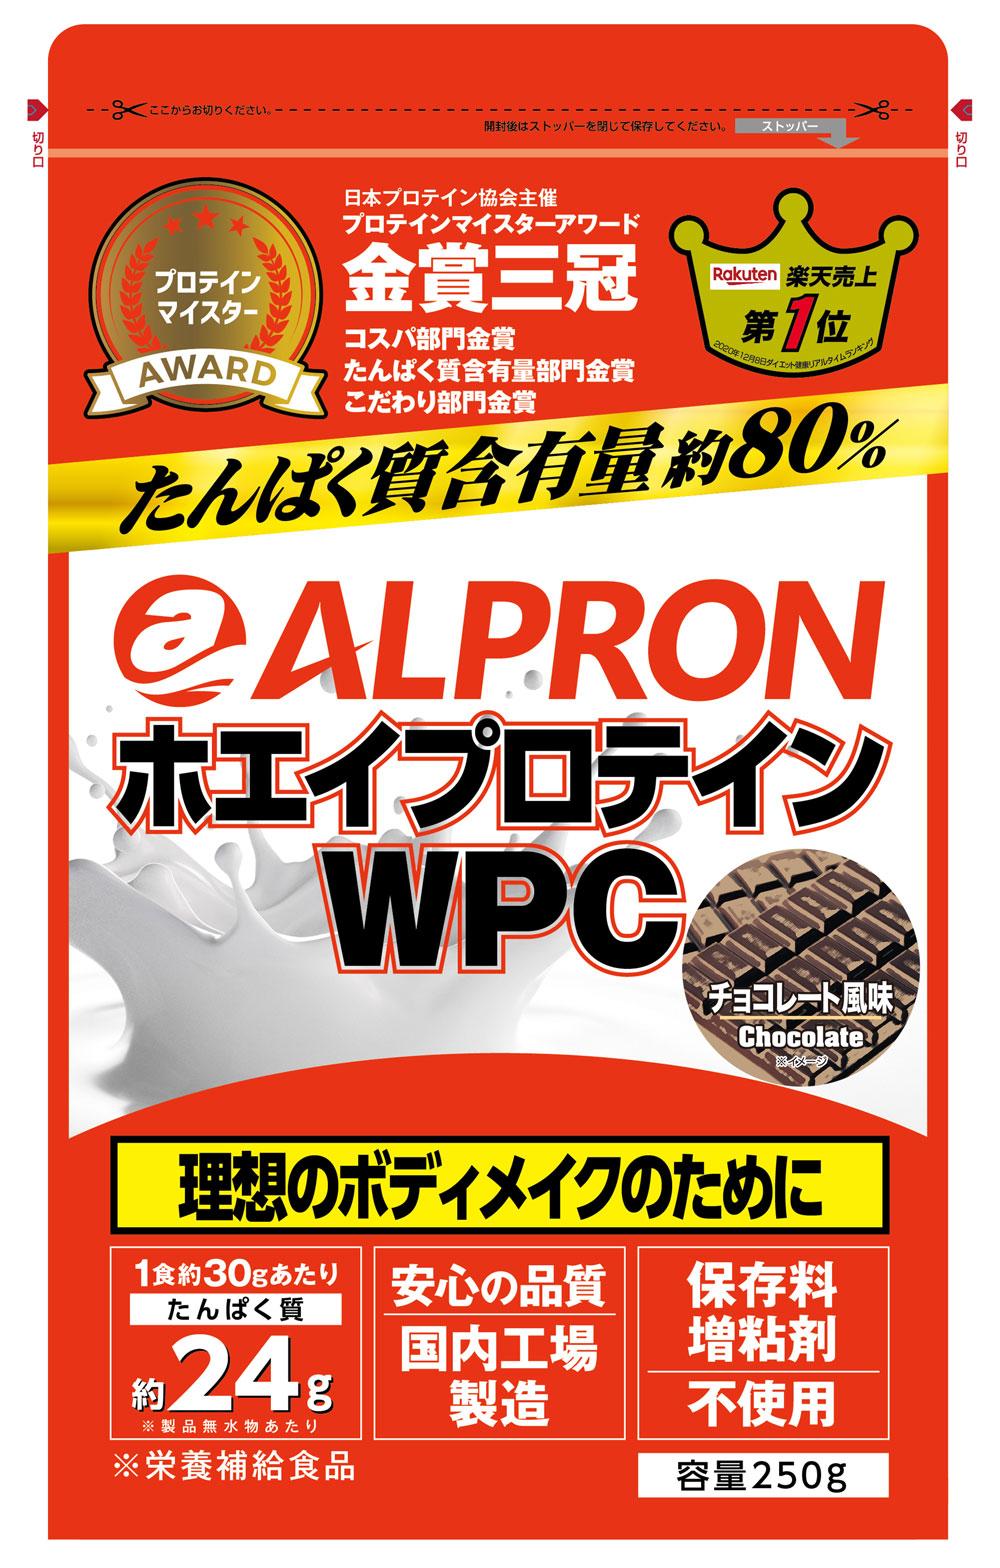 送料 代引手数料込みで 最安値 値引き 感謝価格 挑戦中 ALPRON 新リニューアル 代引不可 チョコレート チョコ ホエイプロテイン アルプロン 250g WPC